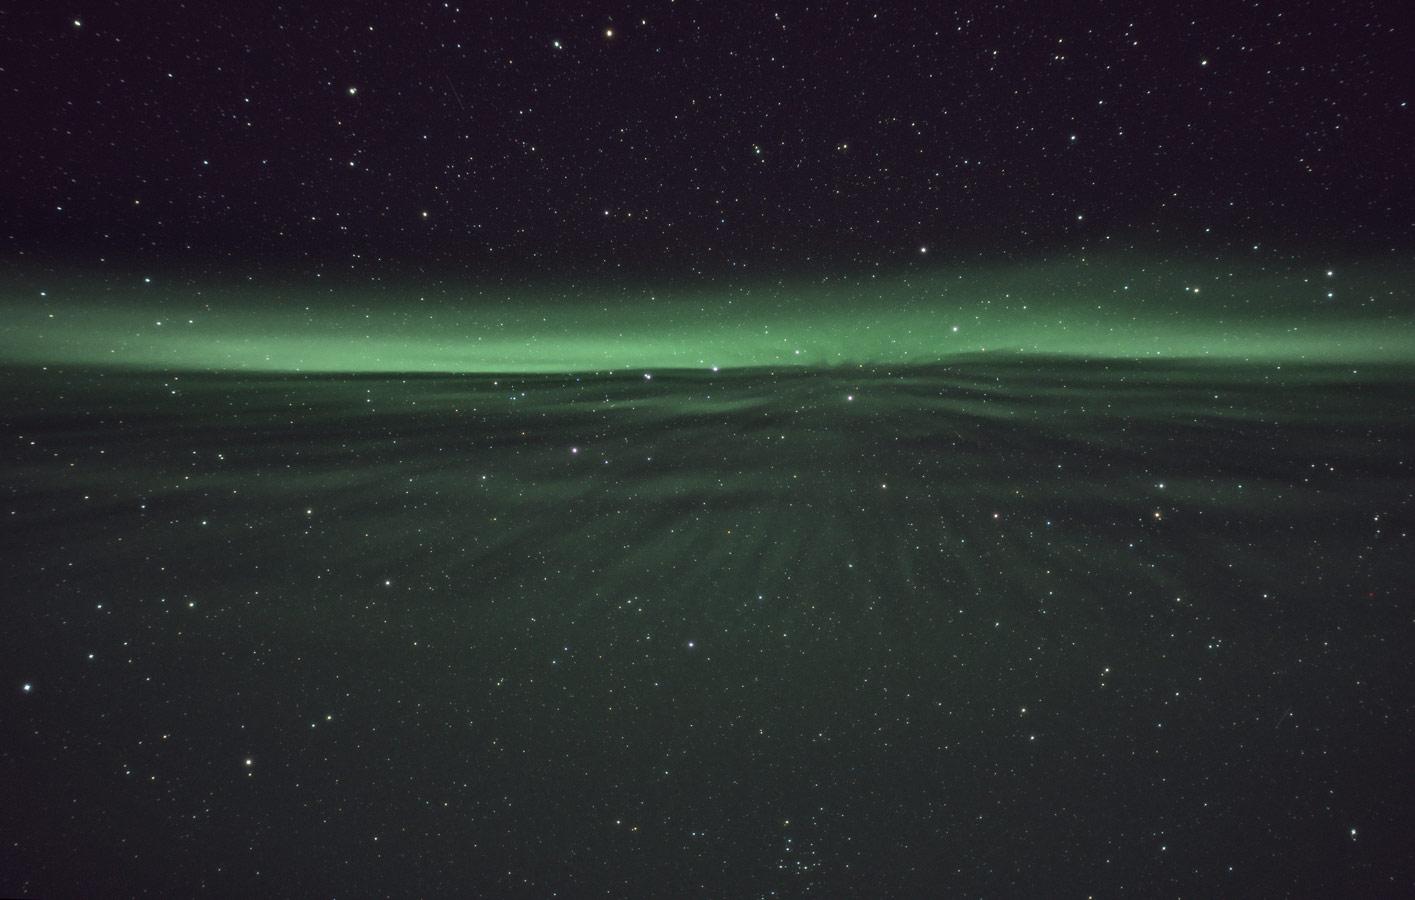 Ускорение на дороге северного сияния, © Николя Лефодо, Победитель категории «Северное сияние», Конкурс астрофотографии Astronomy Photographer of the Year